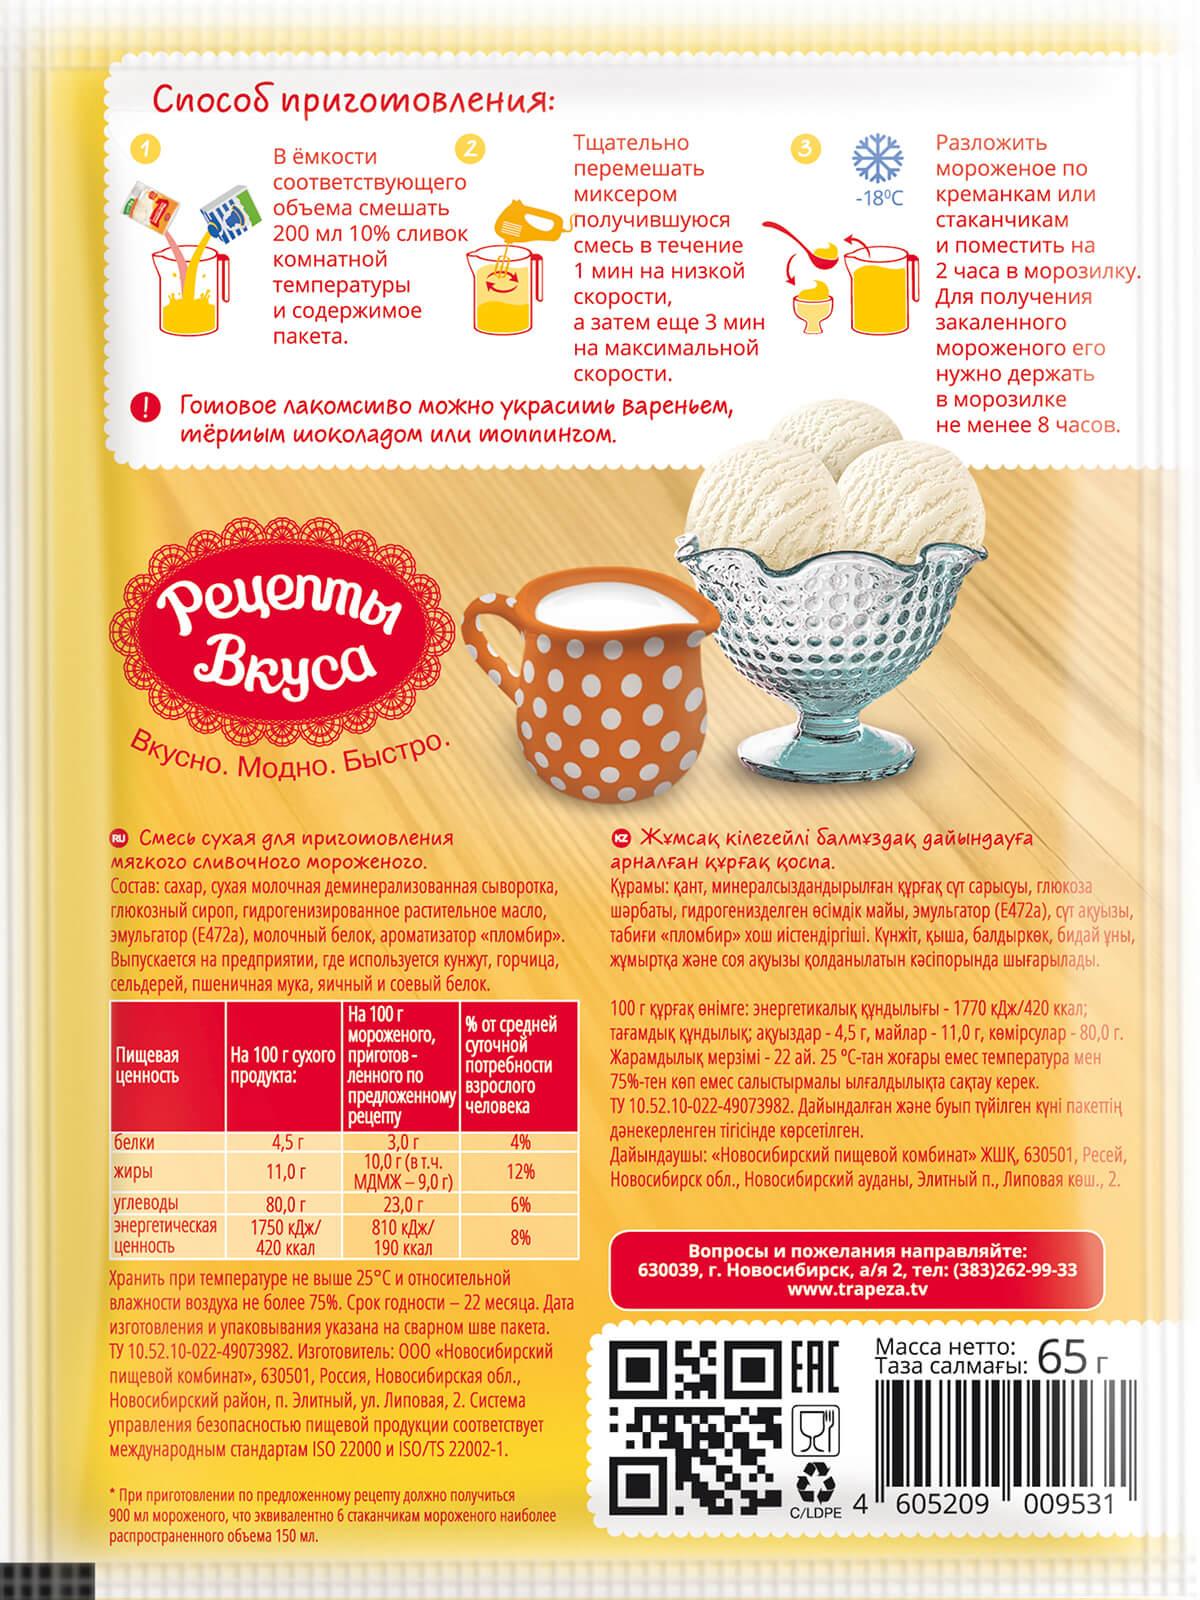 Смесь сухая для приготовления мягкого сливочного мороженого Рецепты Вкуса